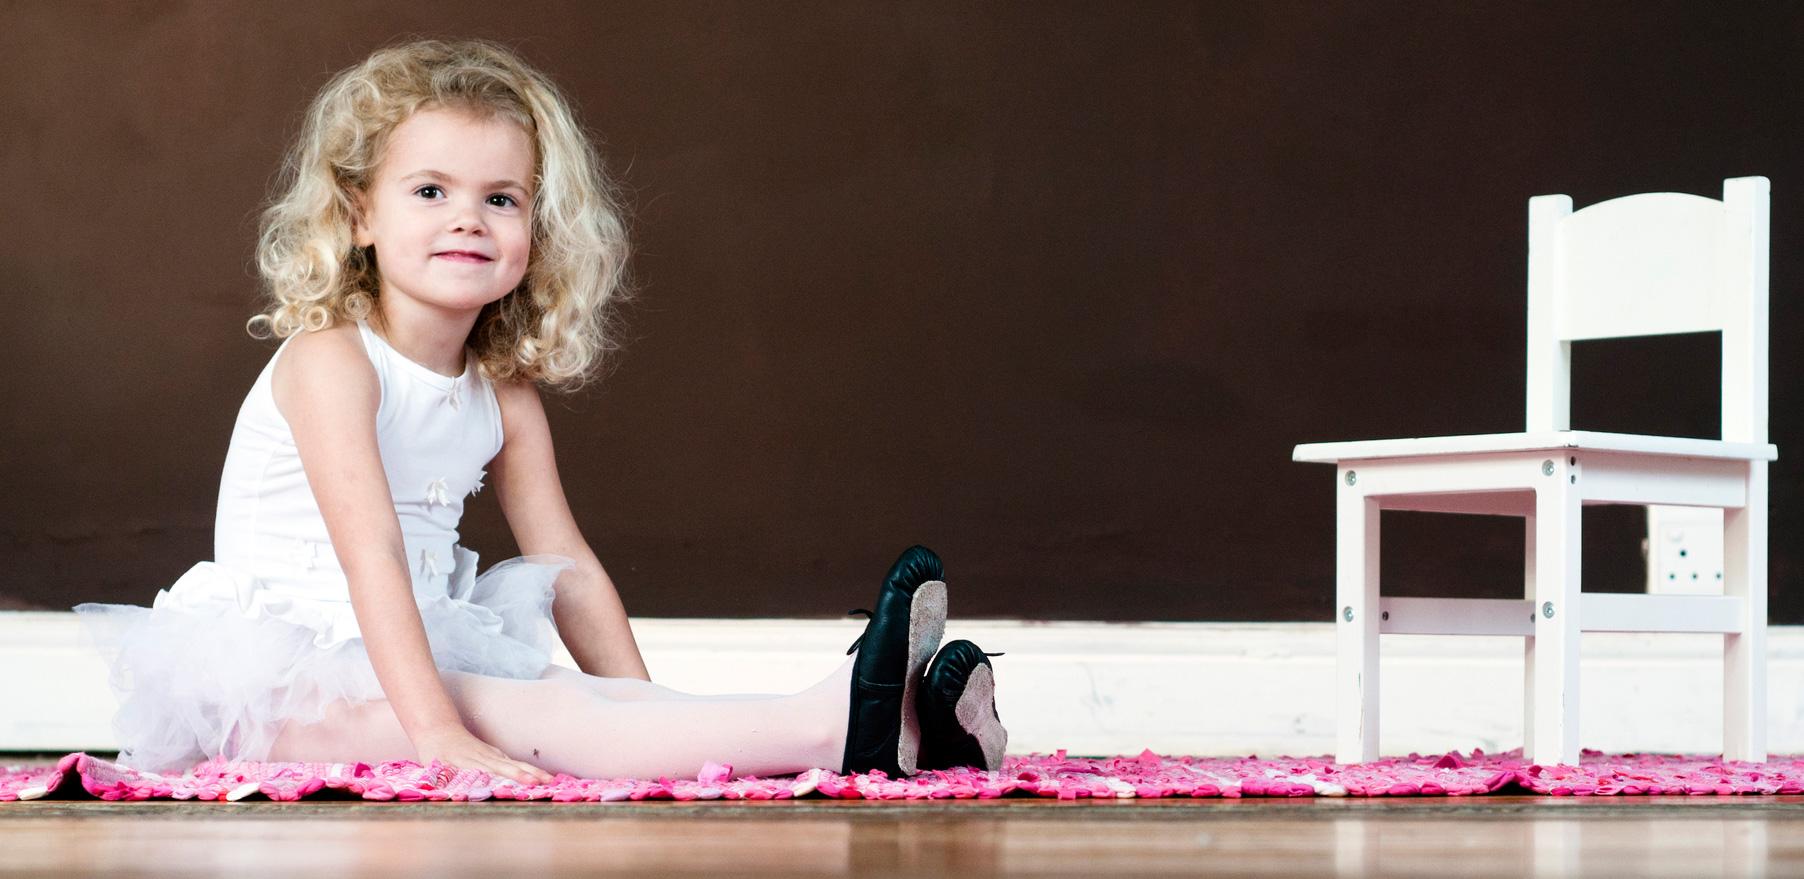 Балетки и каблуки: не вредно ли для детей?